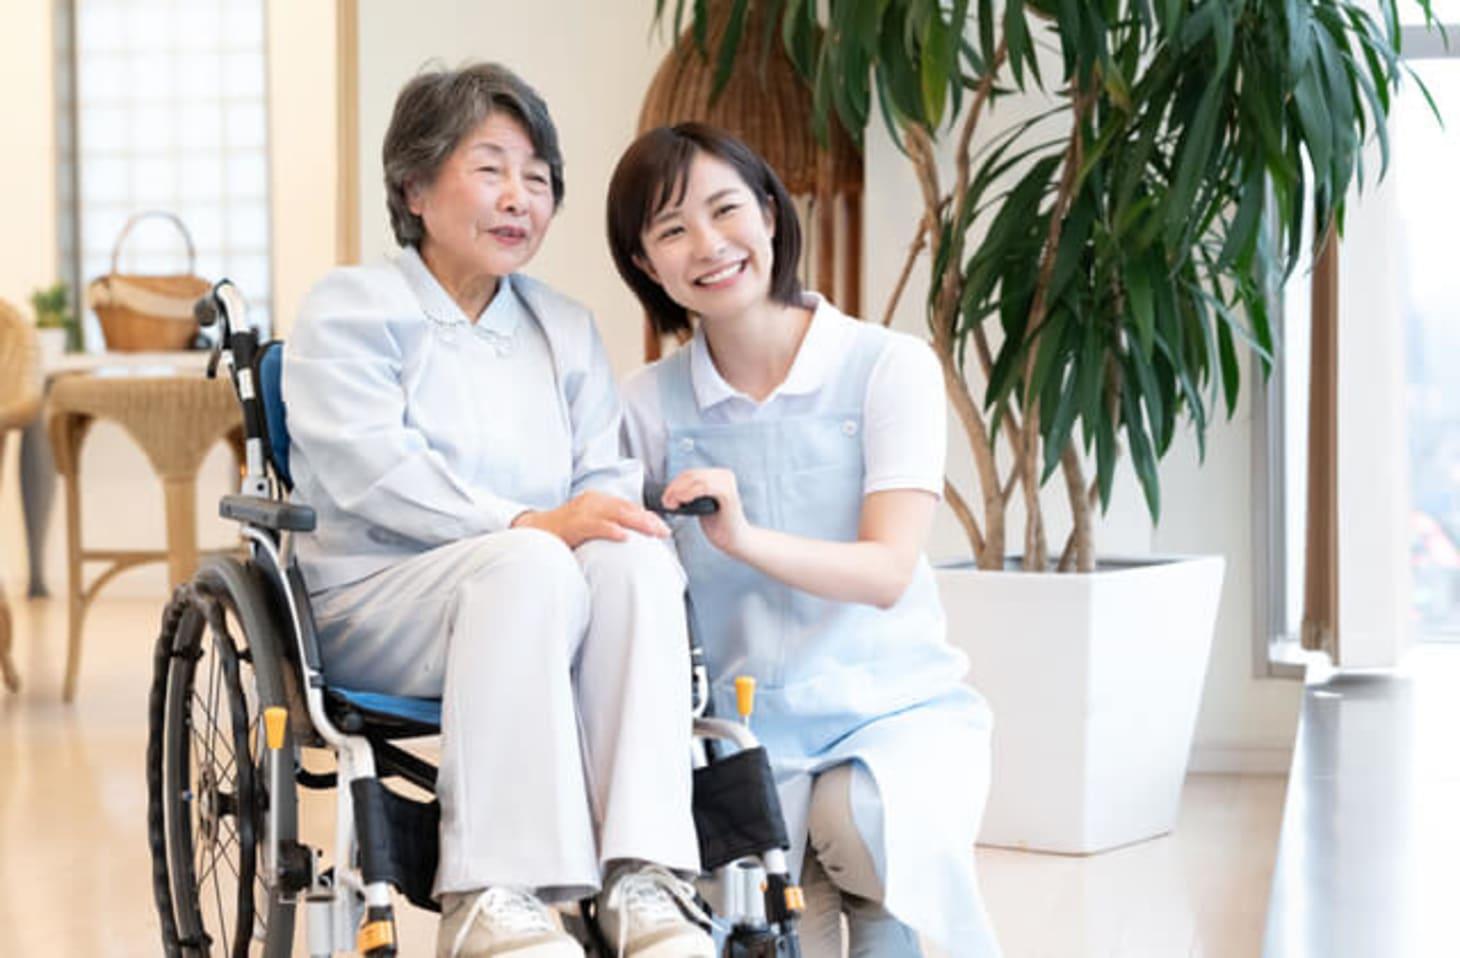 住宅型有料老人ホームの介護スタッフの仕事内容とは?